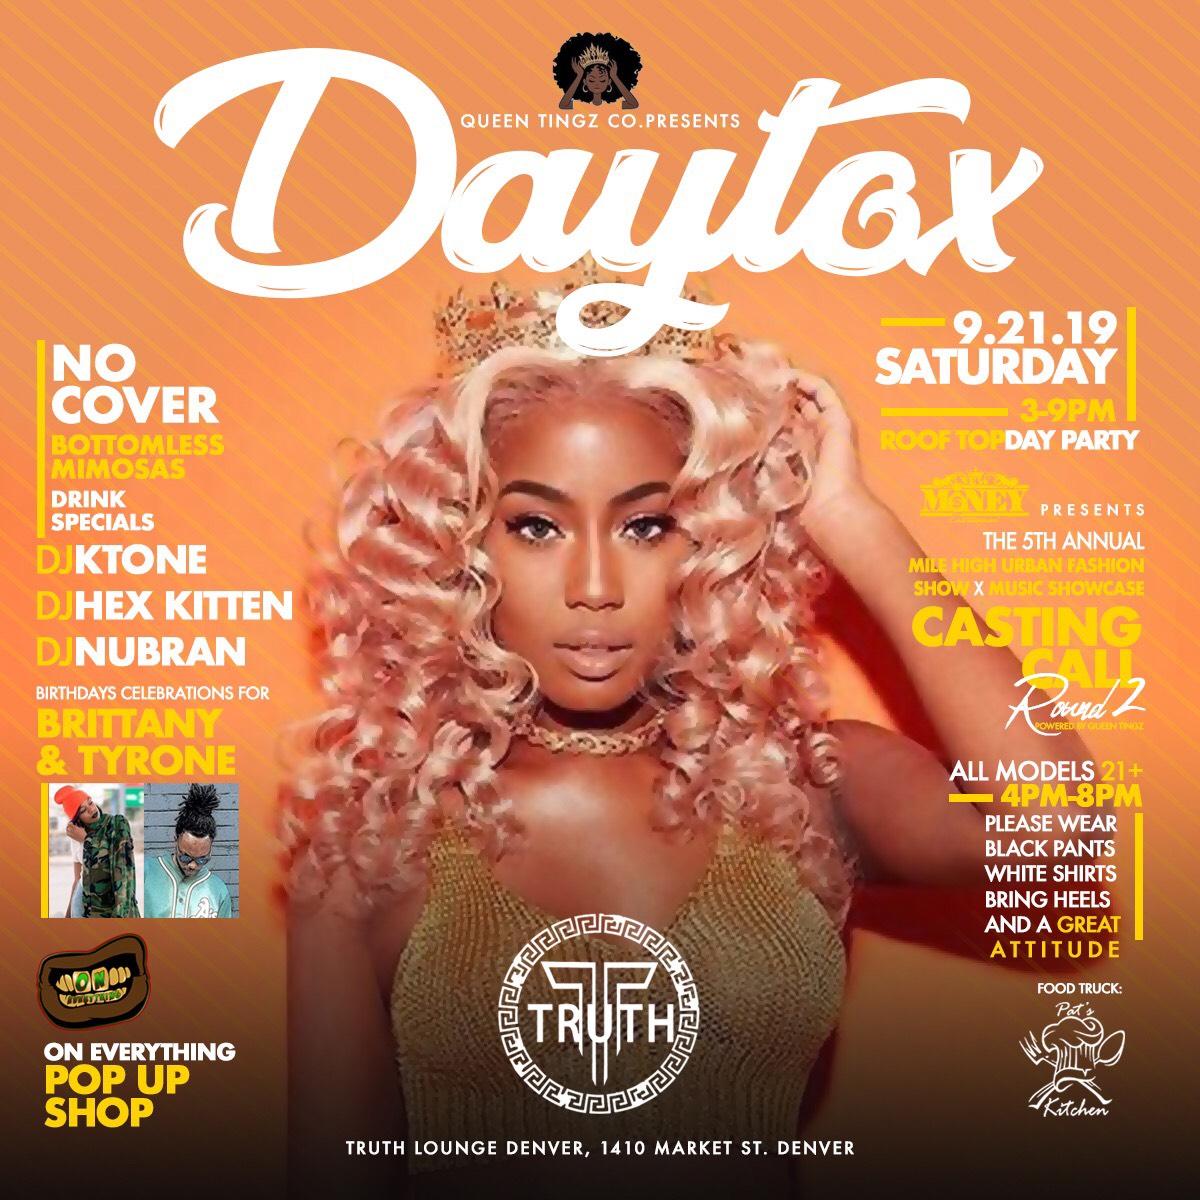 - Daytox day party every Saturday in Denver, Colorado 2019